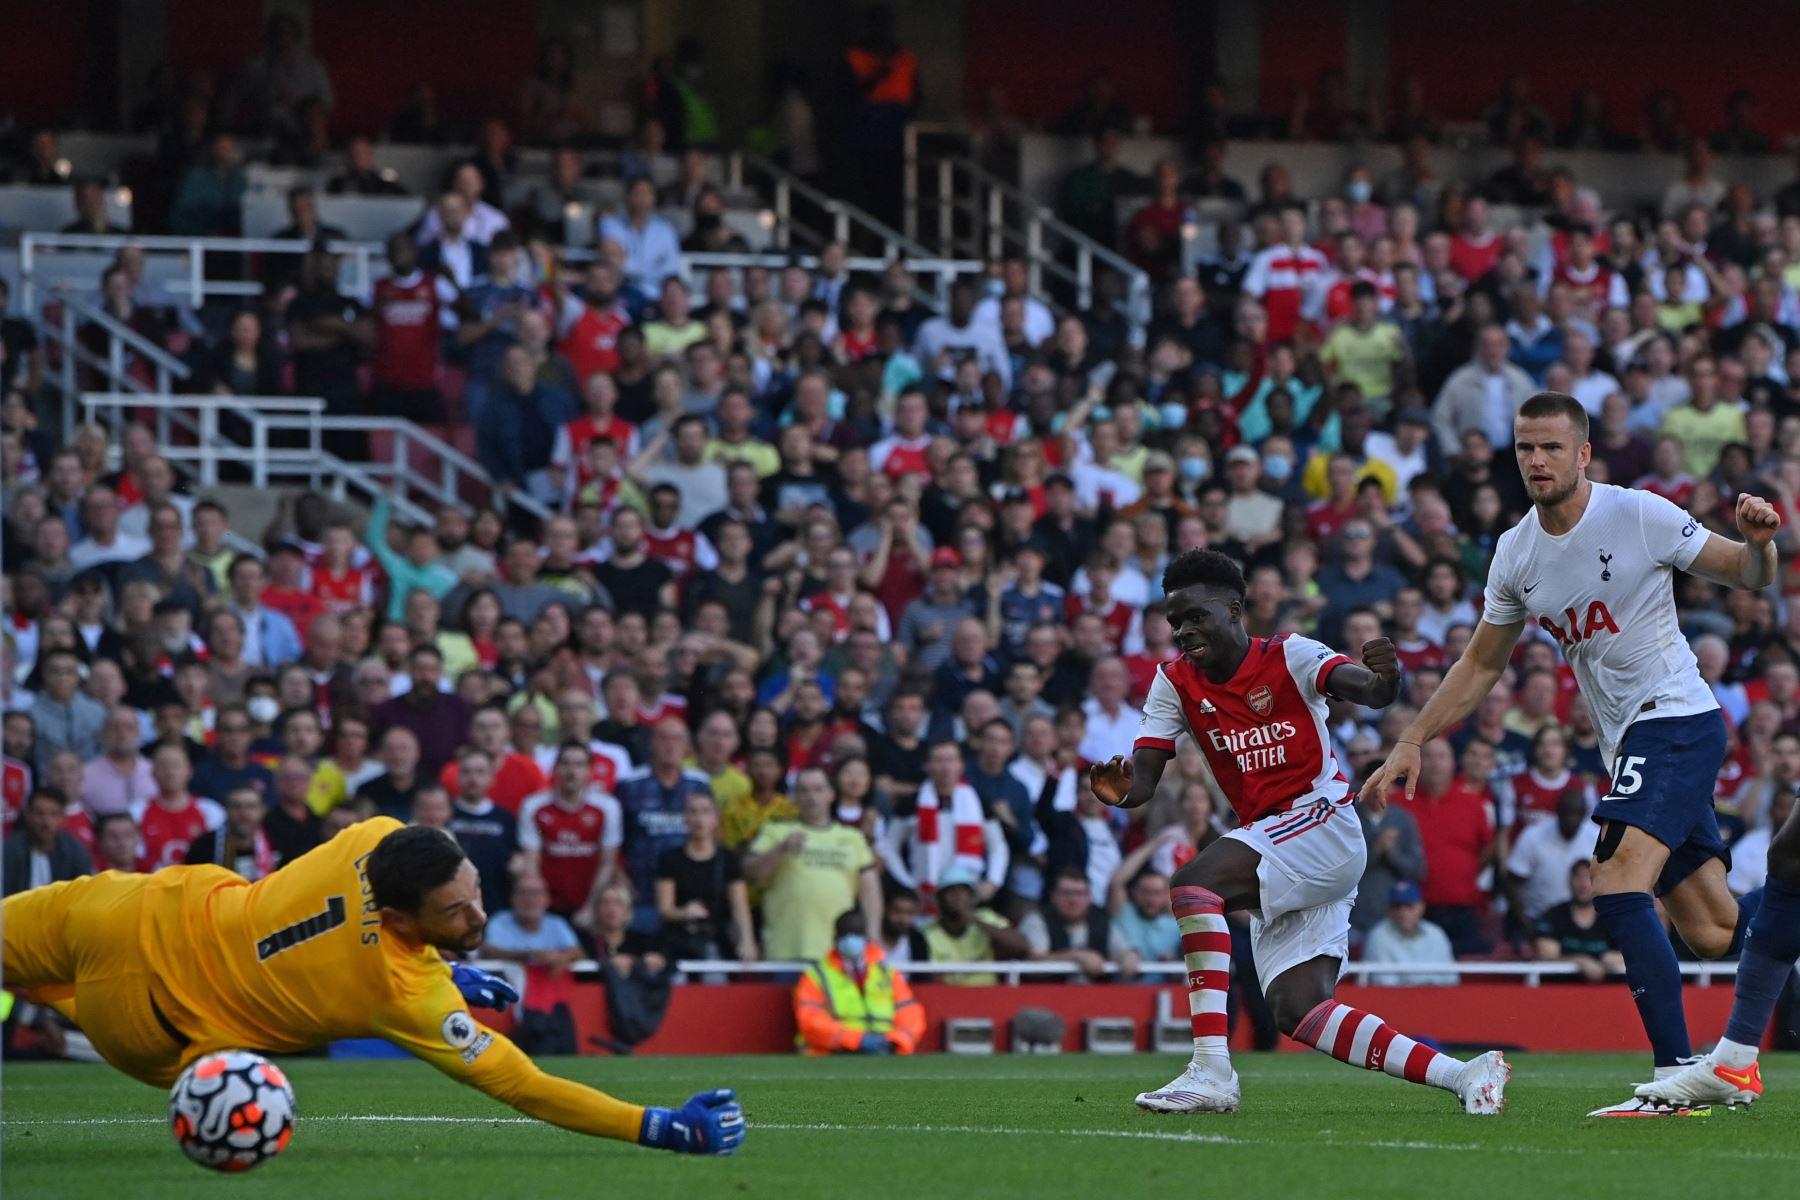 El centrocampista inglés del Arsenal Bukayo Saka anota su tercer ante Tottenham Hotspur durante el partido de la Premier League. Foto: AFP